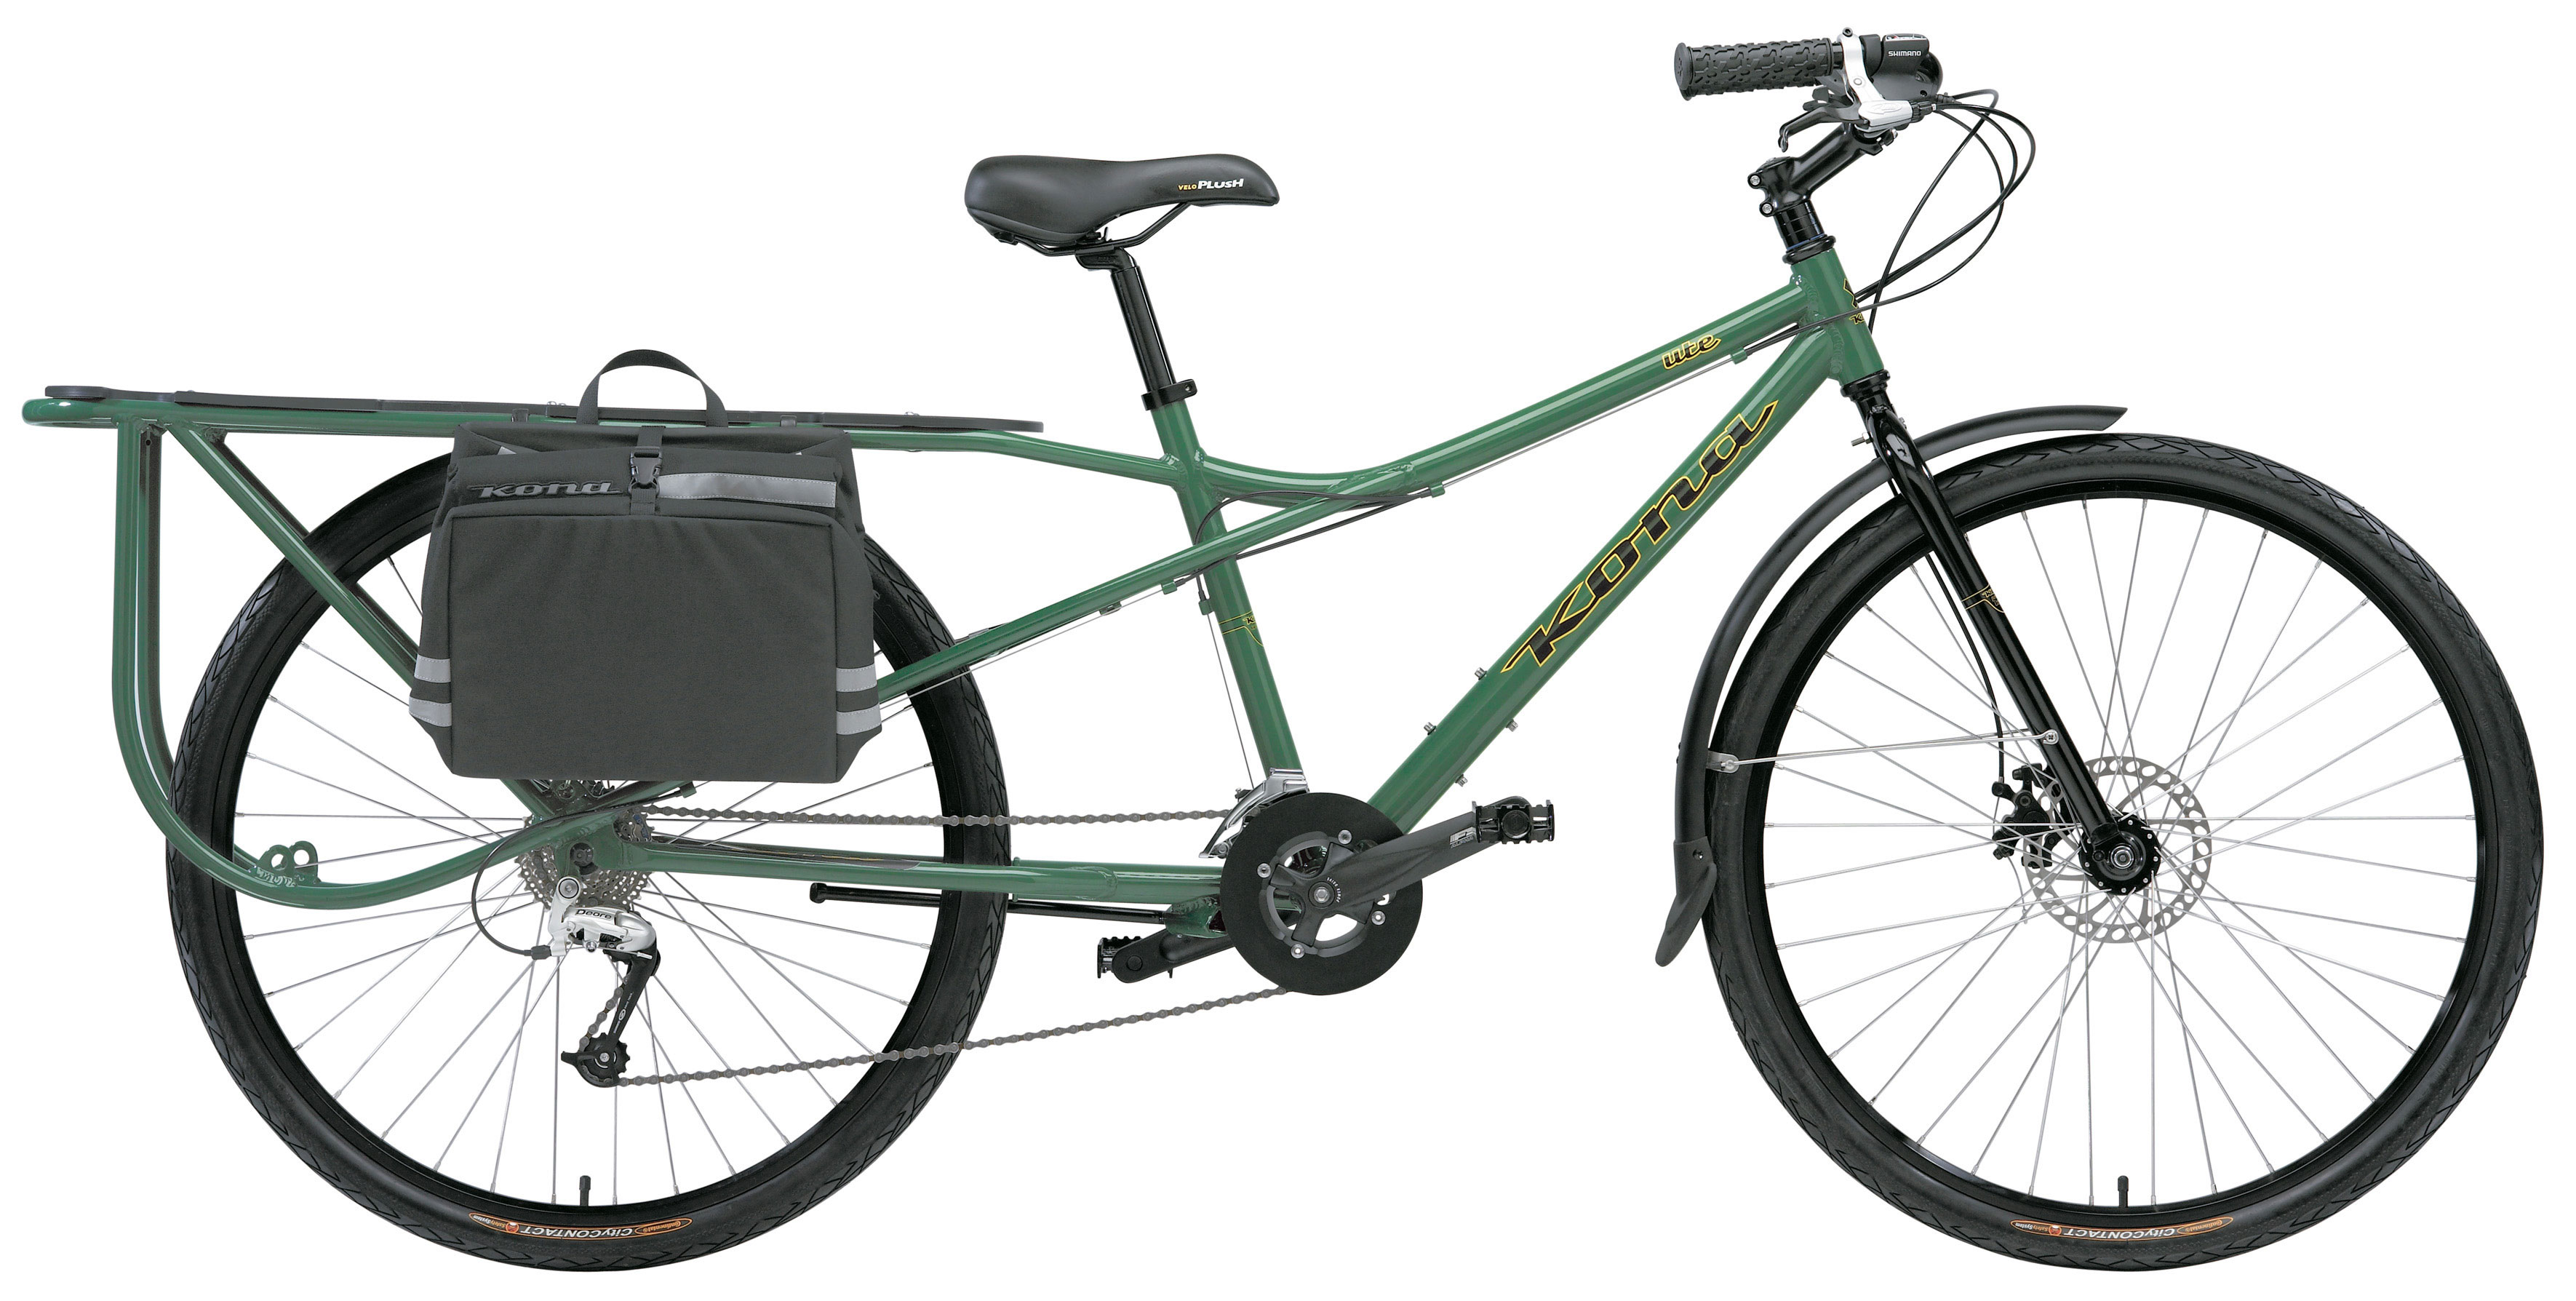 Kona Ute Rock Solid Cargo Bike